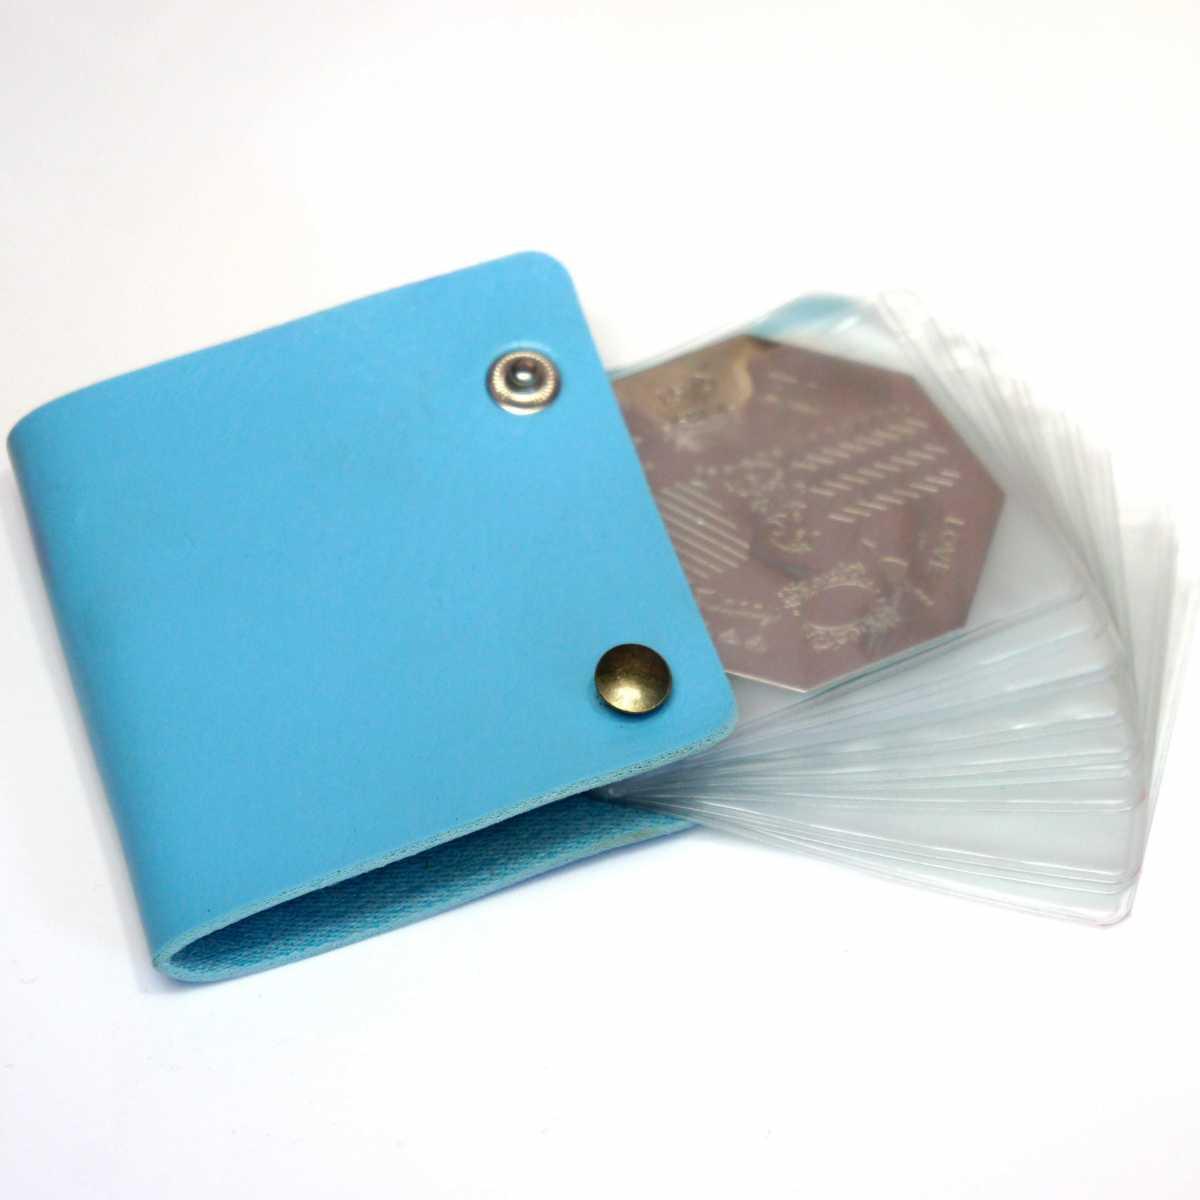 https://www.kit-manucure.com/526-thickbox_default/pochette-de-rangement-pour-plaques-de-stamping-bleu.jpg